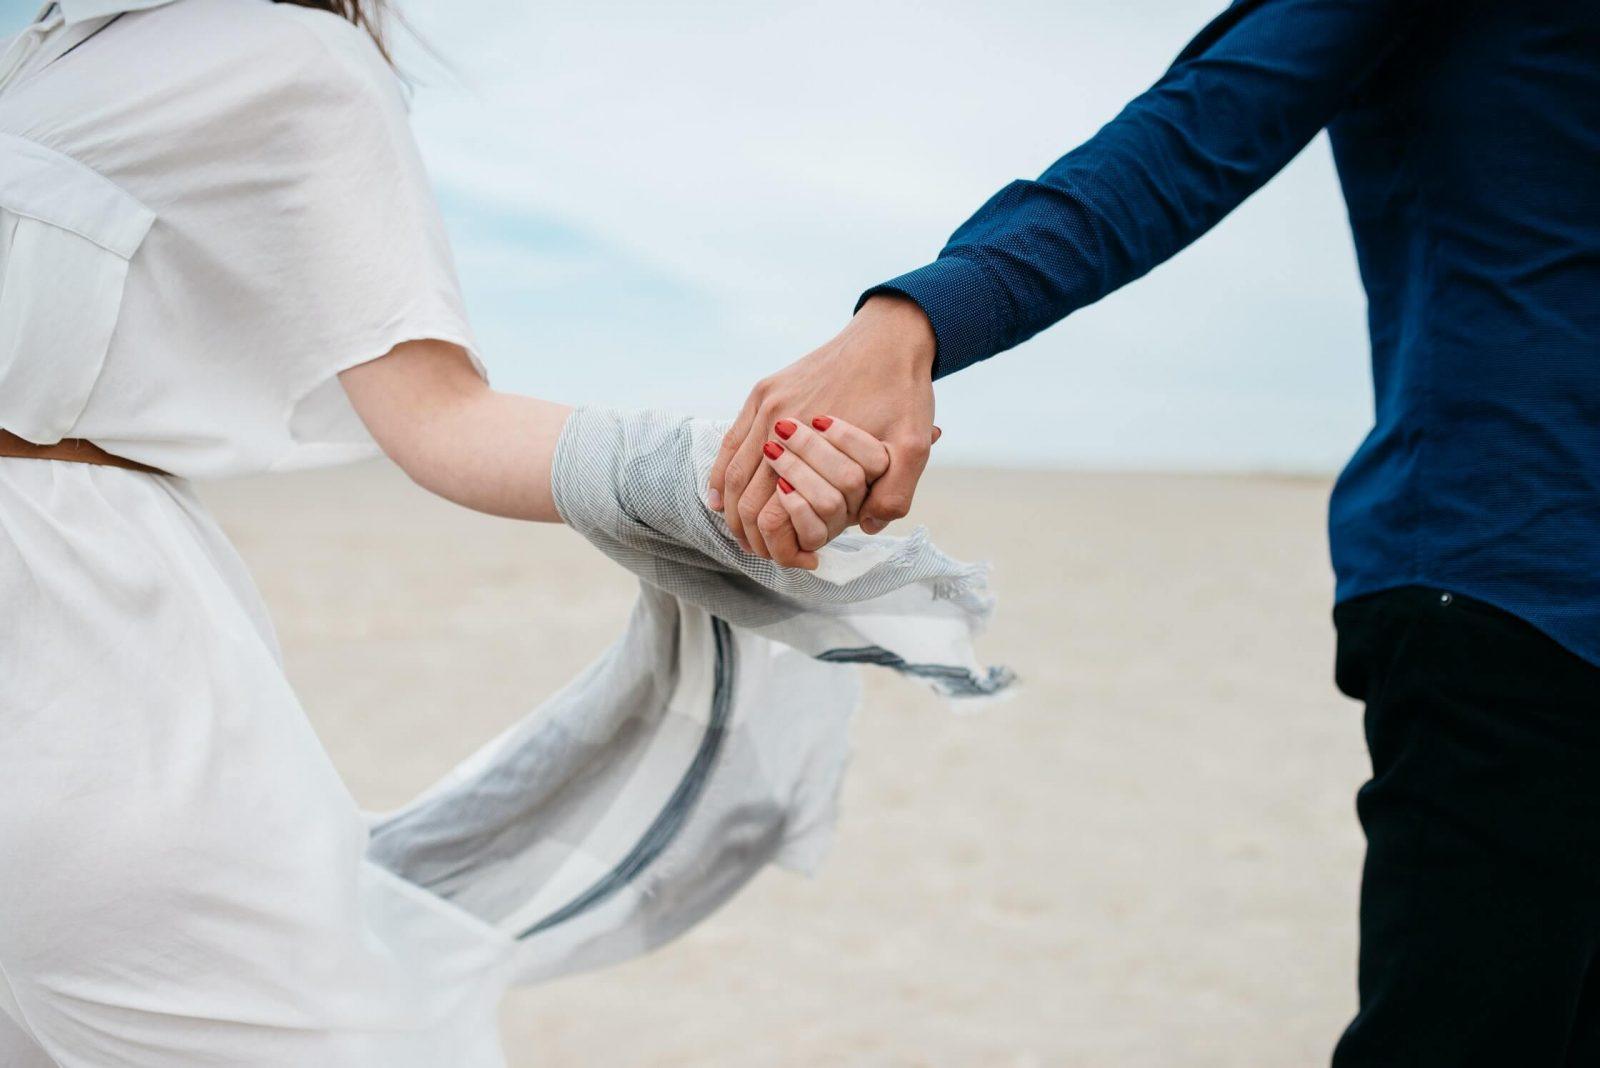 150 Legendas para Fotos com o Marido que são cheias de amor!